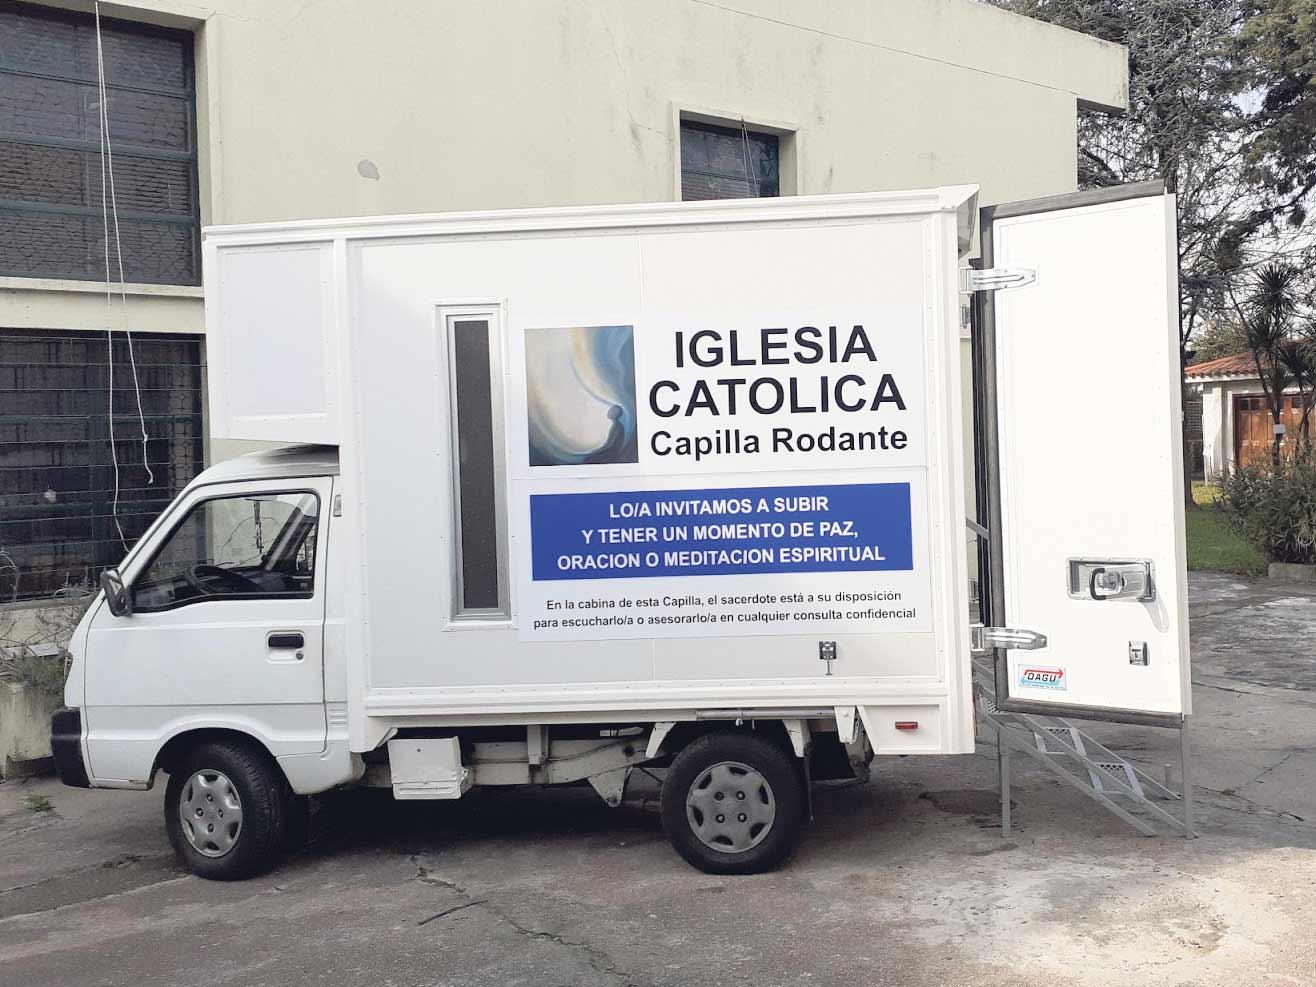 El sacerdote estará disponible en la cabina del conductor. / P. SANTA BERNARDITA